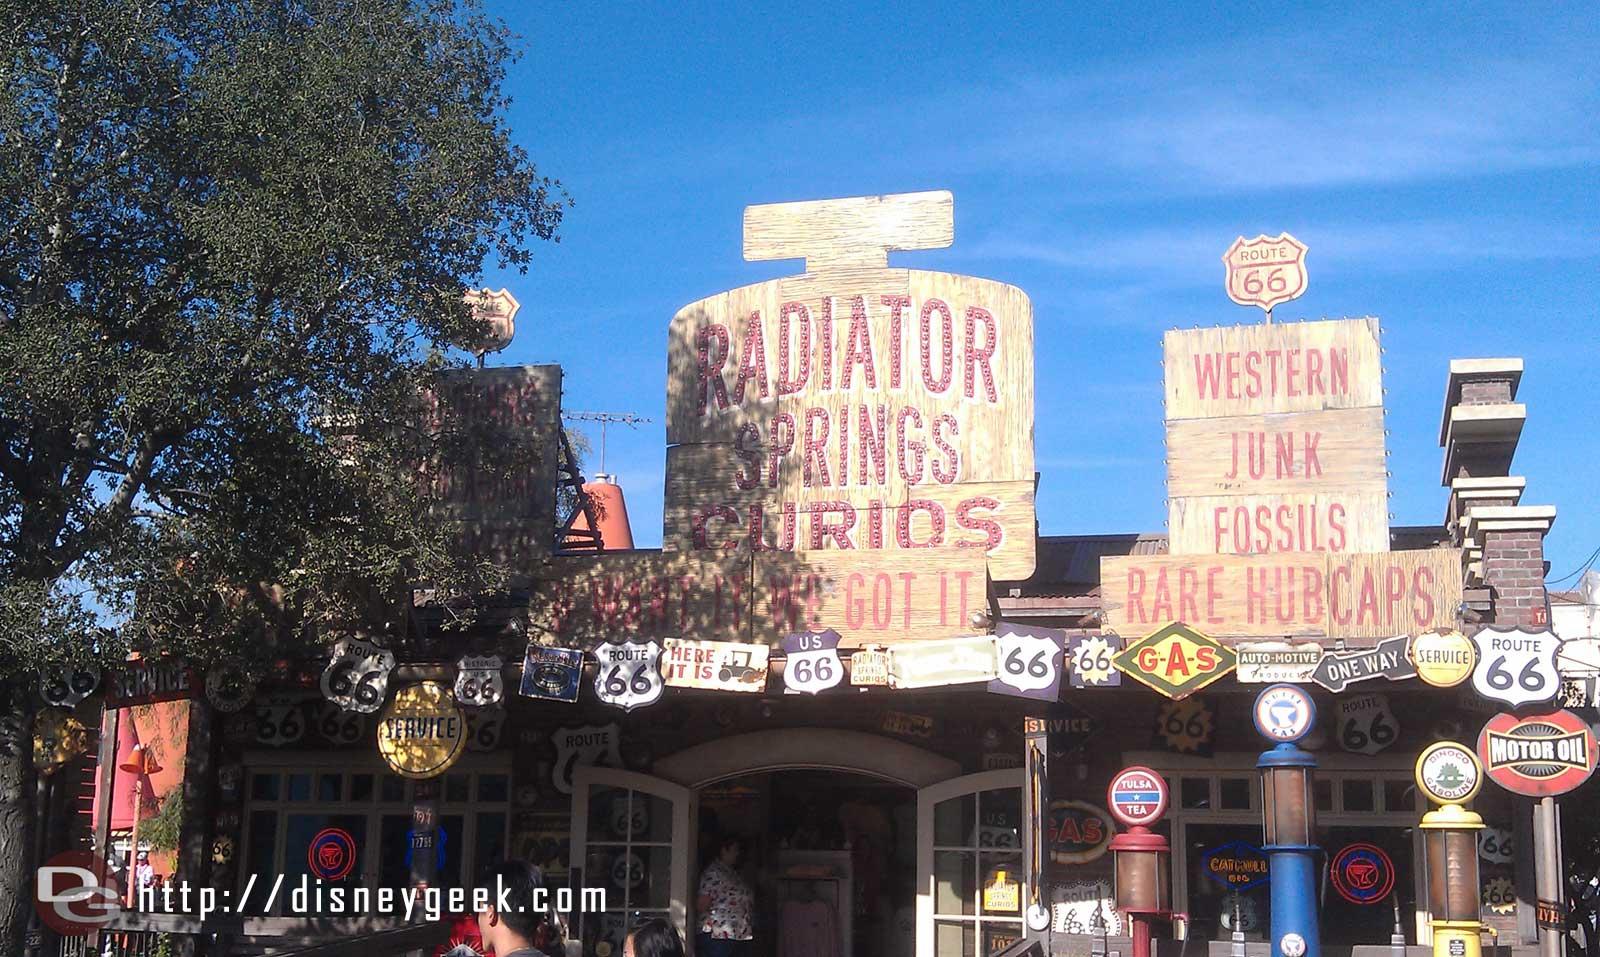 Radiator Springs Curios #CarsLand